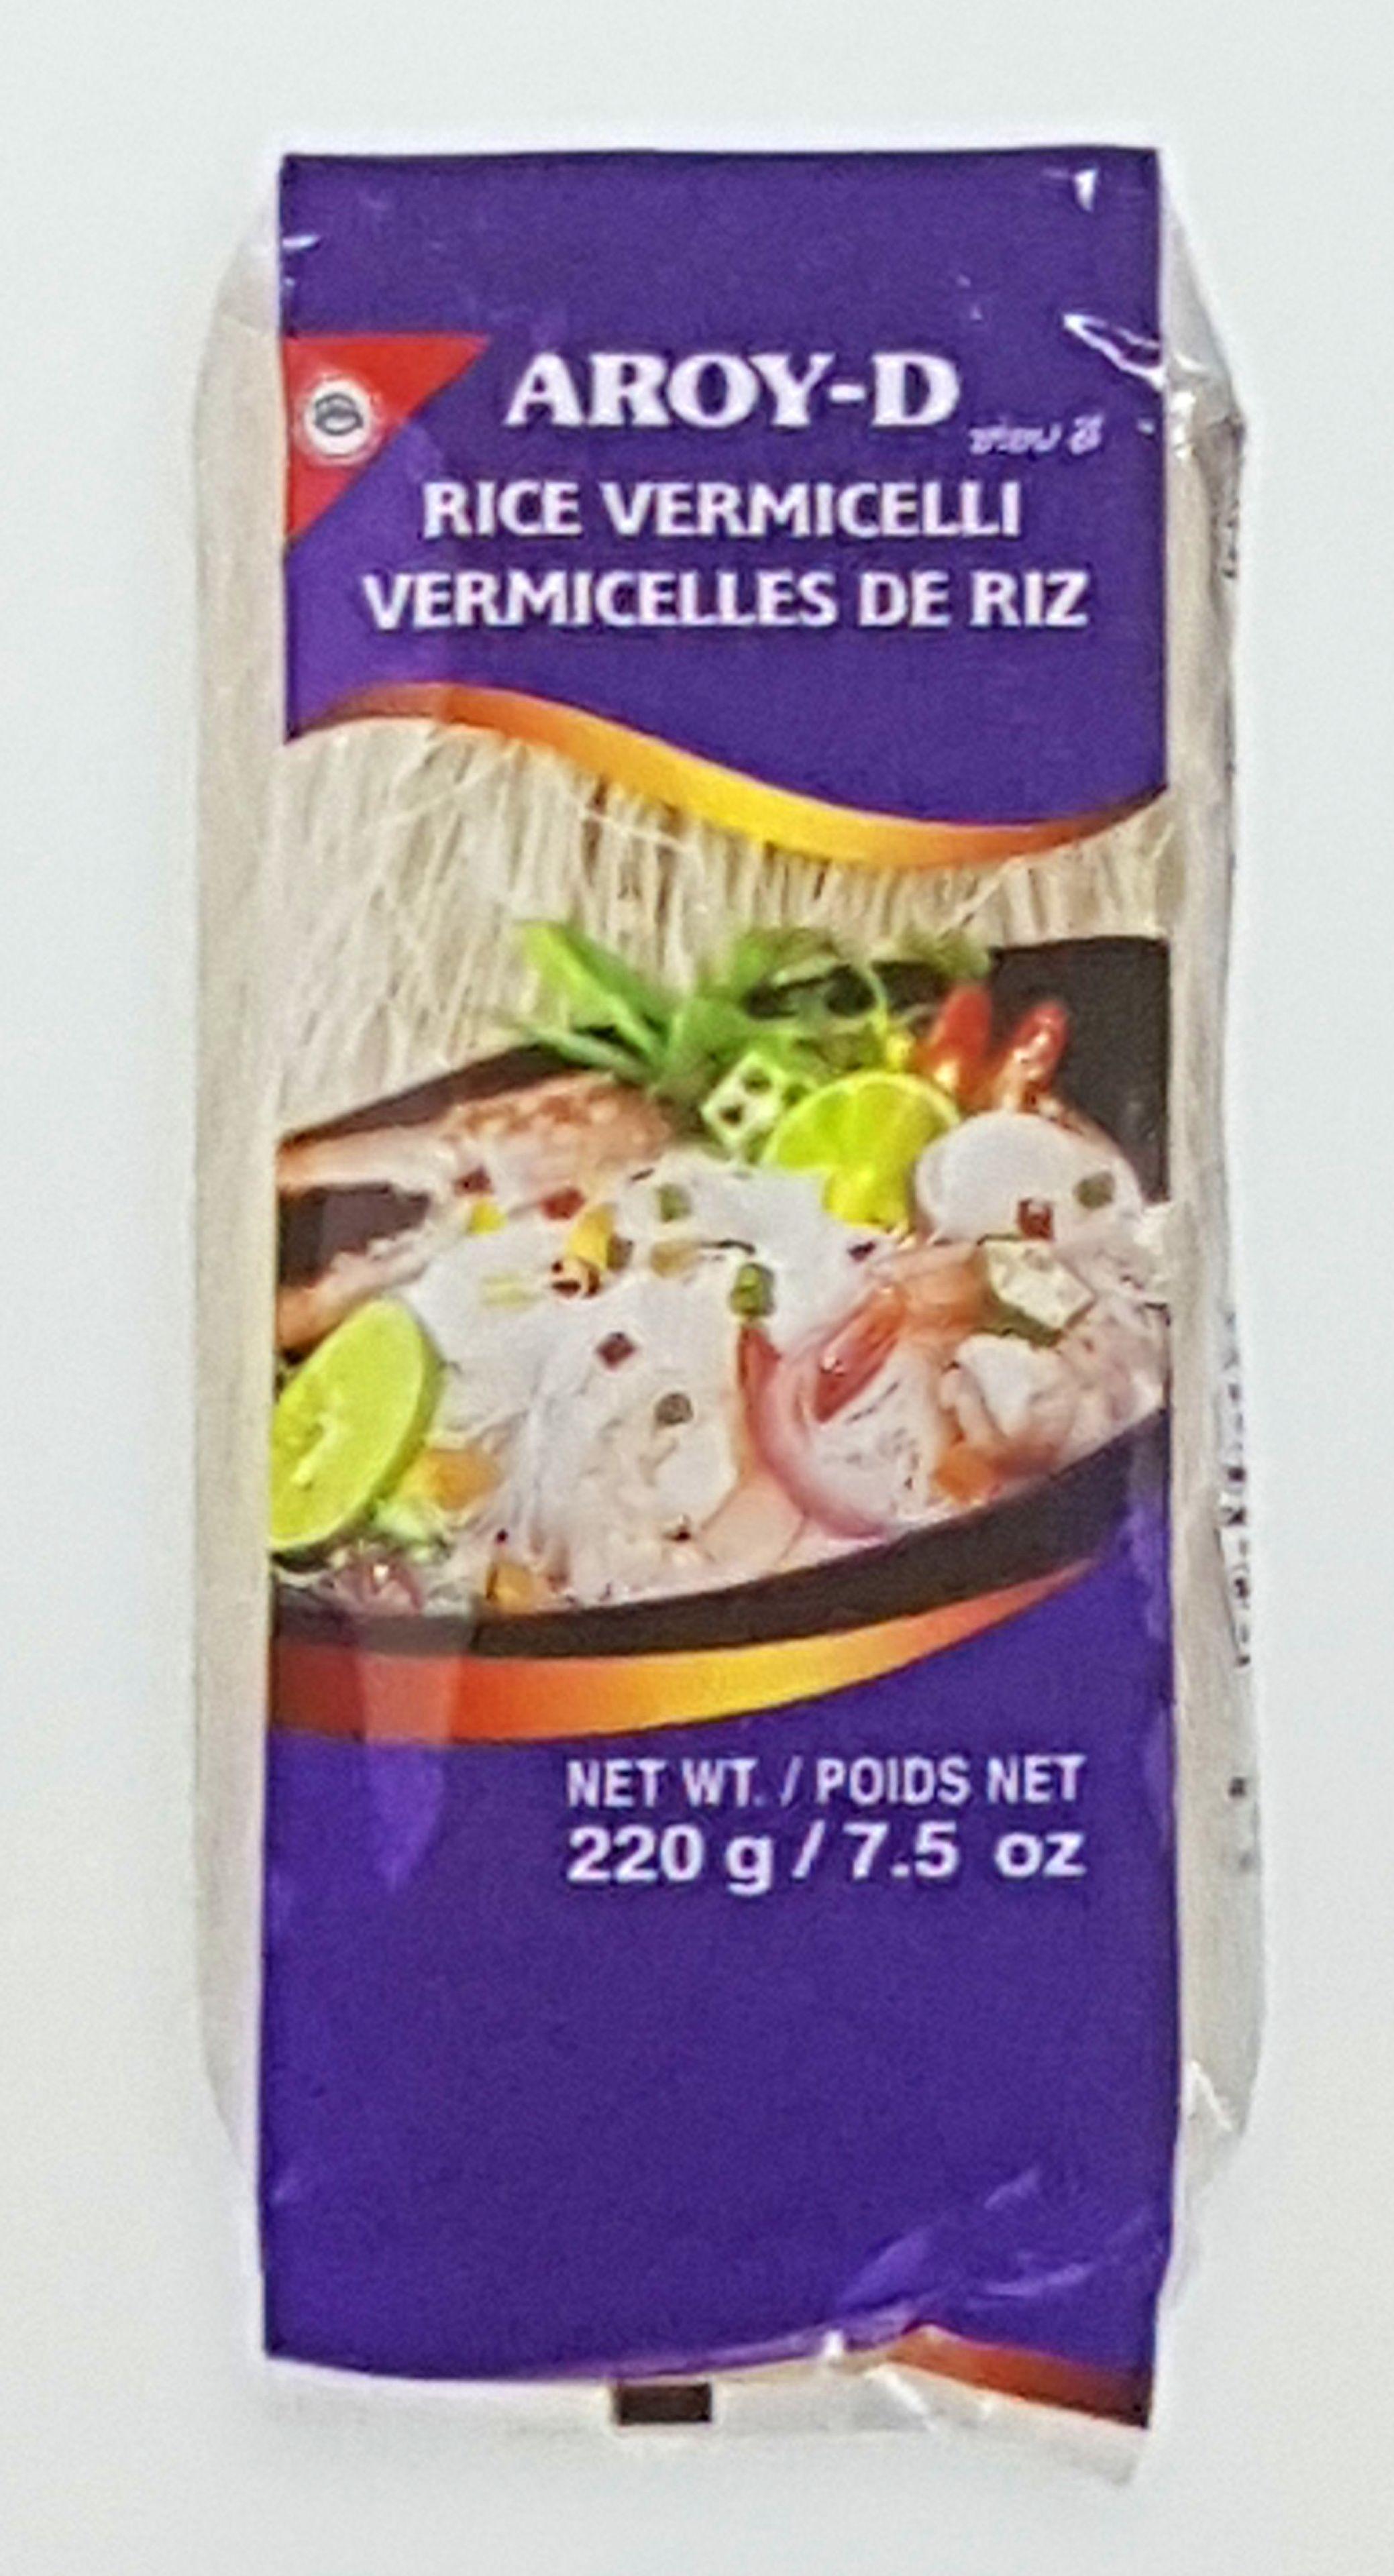 Fideo de arroz aroy-d fino: PRODUCTOS de La Cabaña 5 continentes